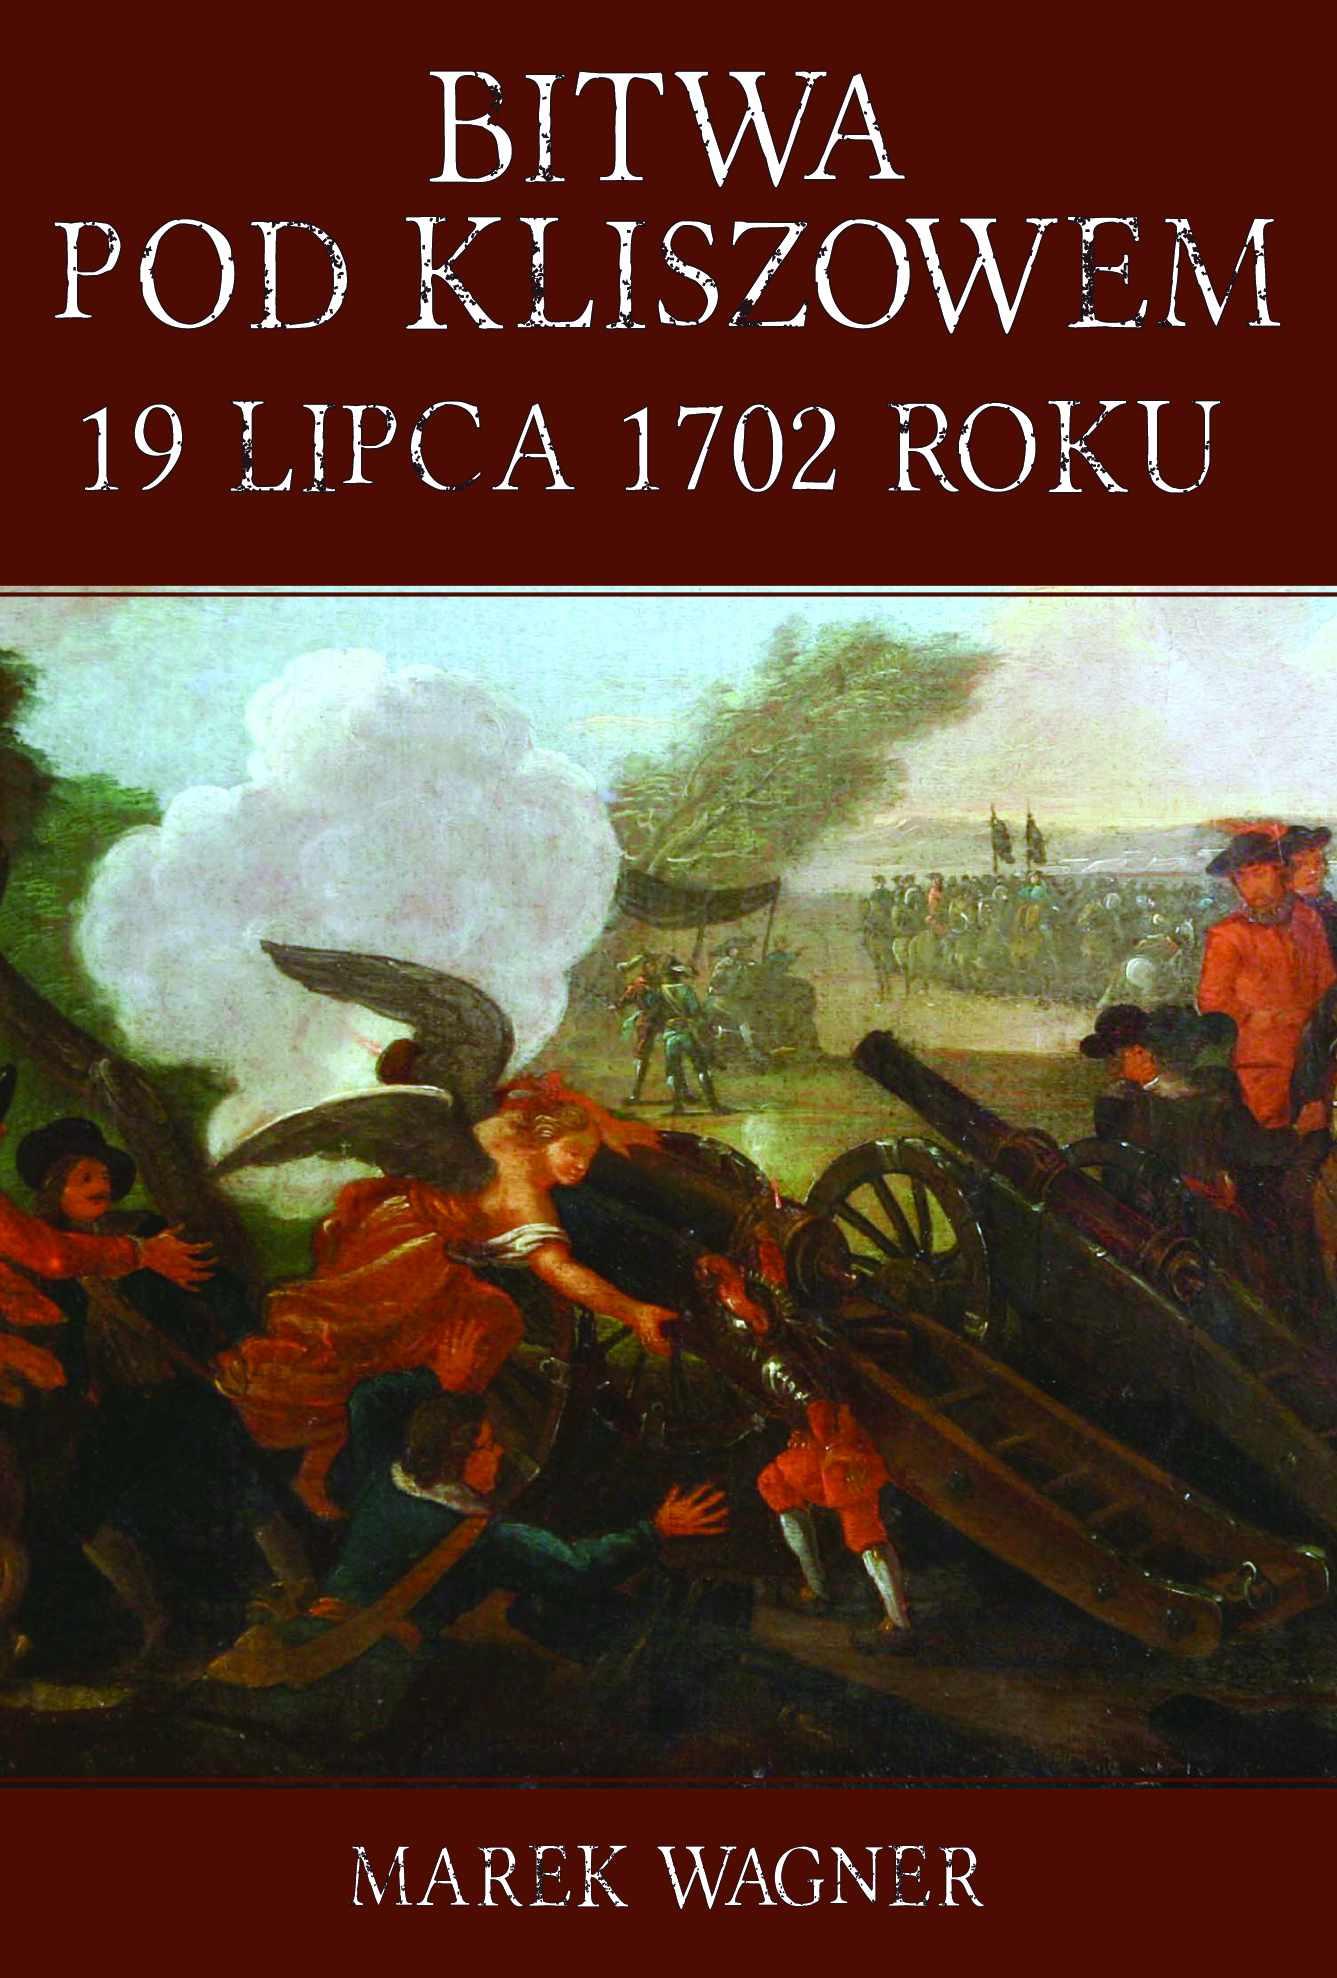 Bitwa pod Kliszowem 19 lipca 1702 roku - Ebook (Książka na Kindle) do pobrania w formacie MOBI